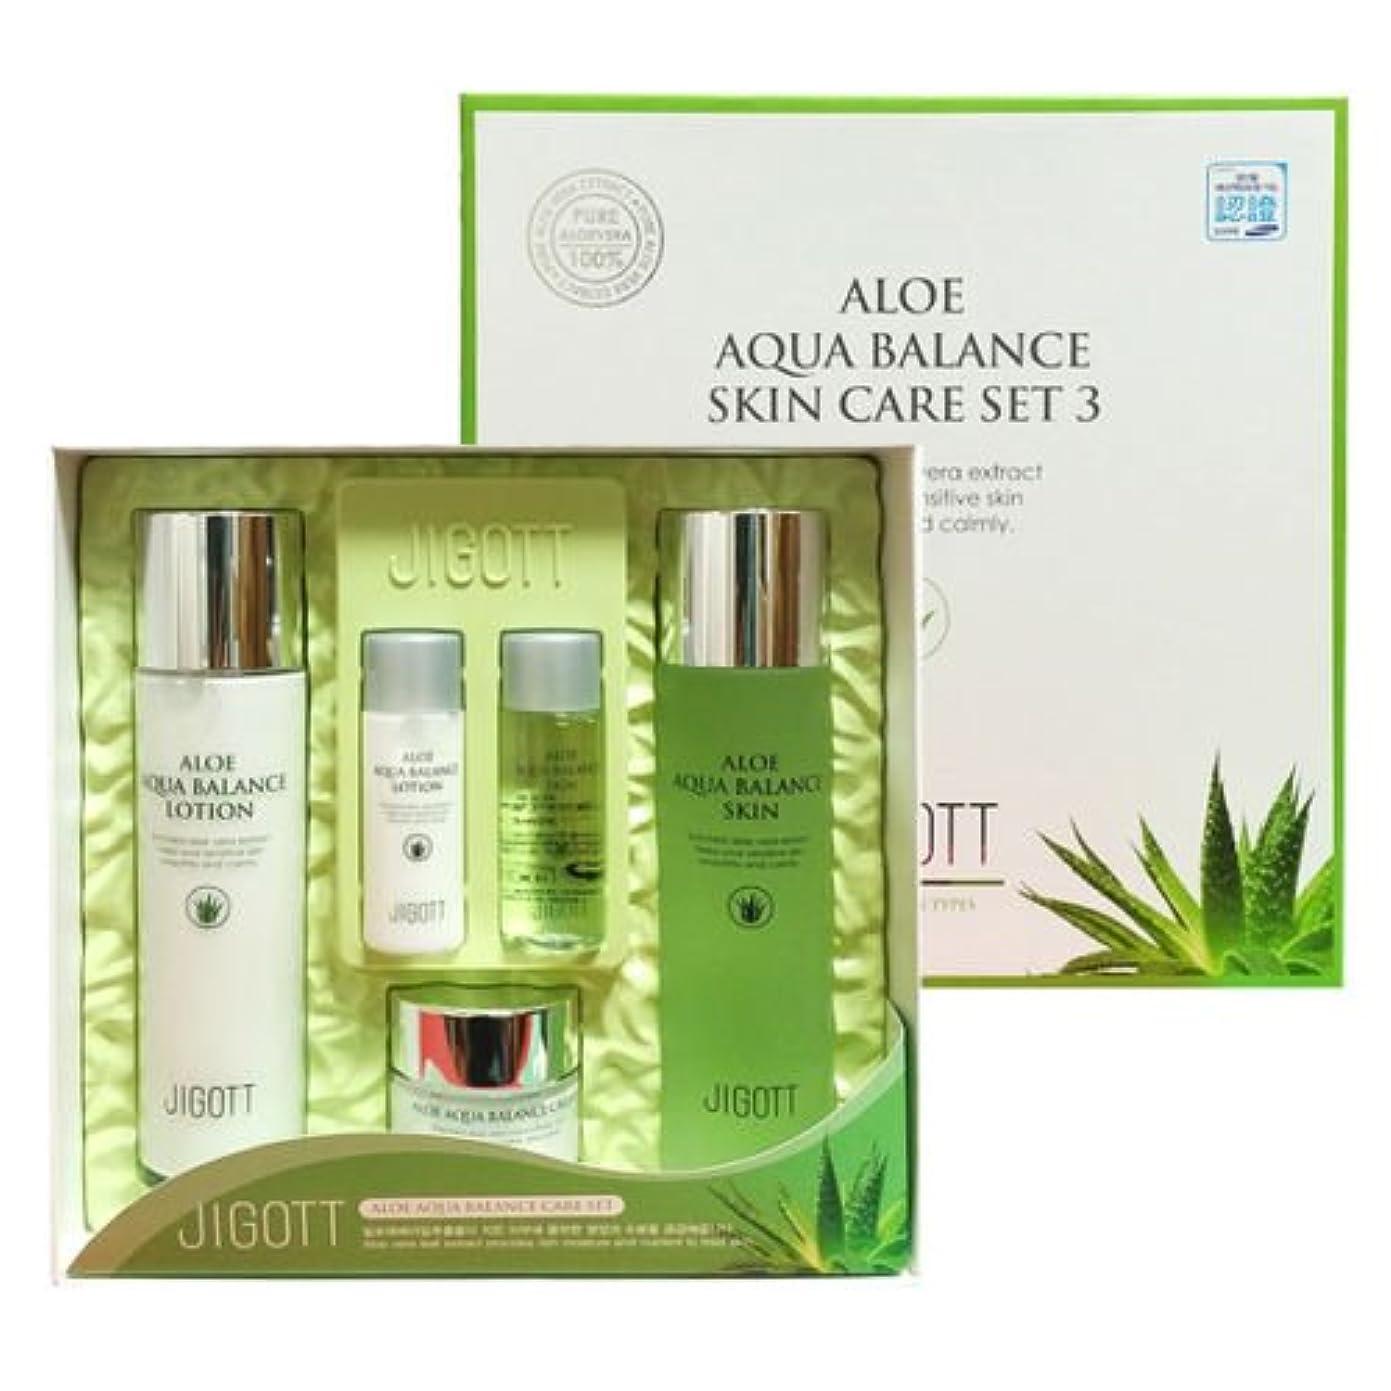 メーカーペグトランスミッションジゴトゥ[韓国コスメJigott]Aloe Aqua Balance Skin Care 3 Set アロエアクアバランススキンケア3セット樹液,乳液,クリーム [並行輸入品]